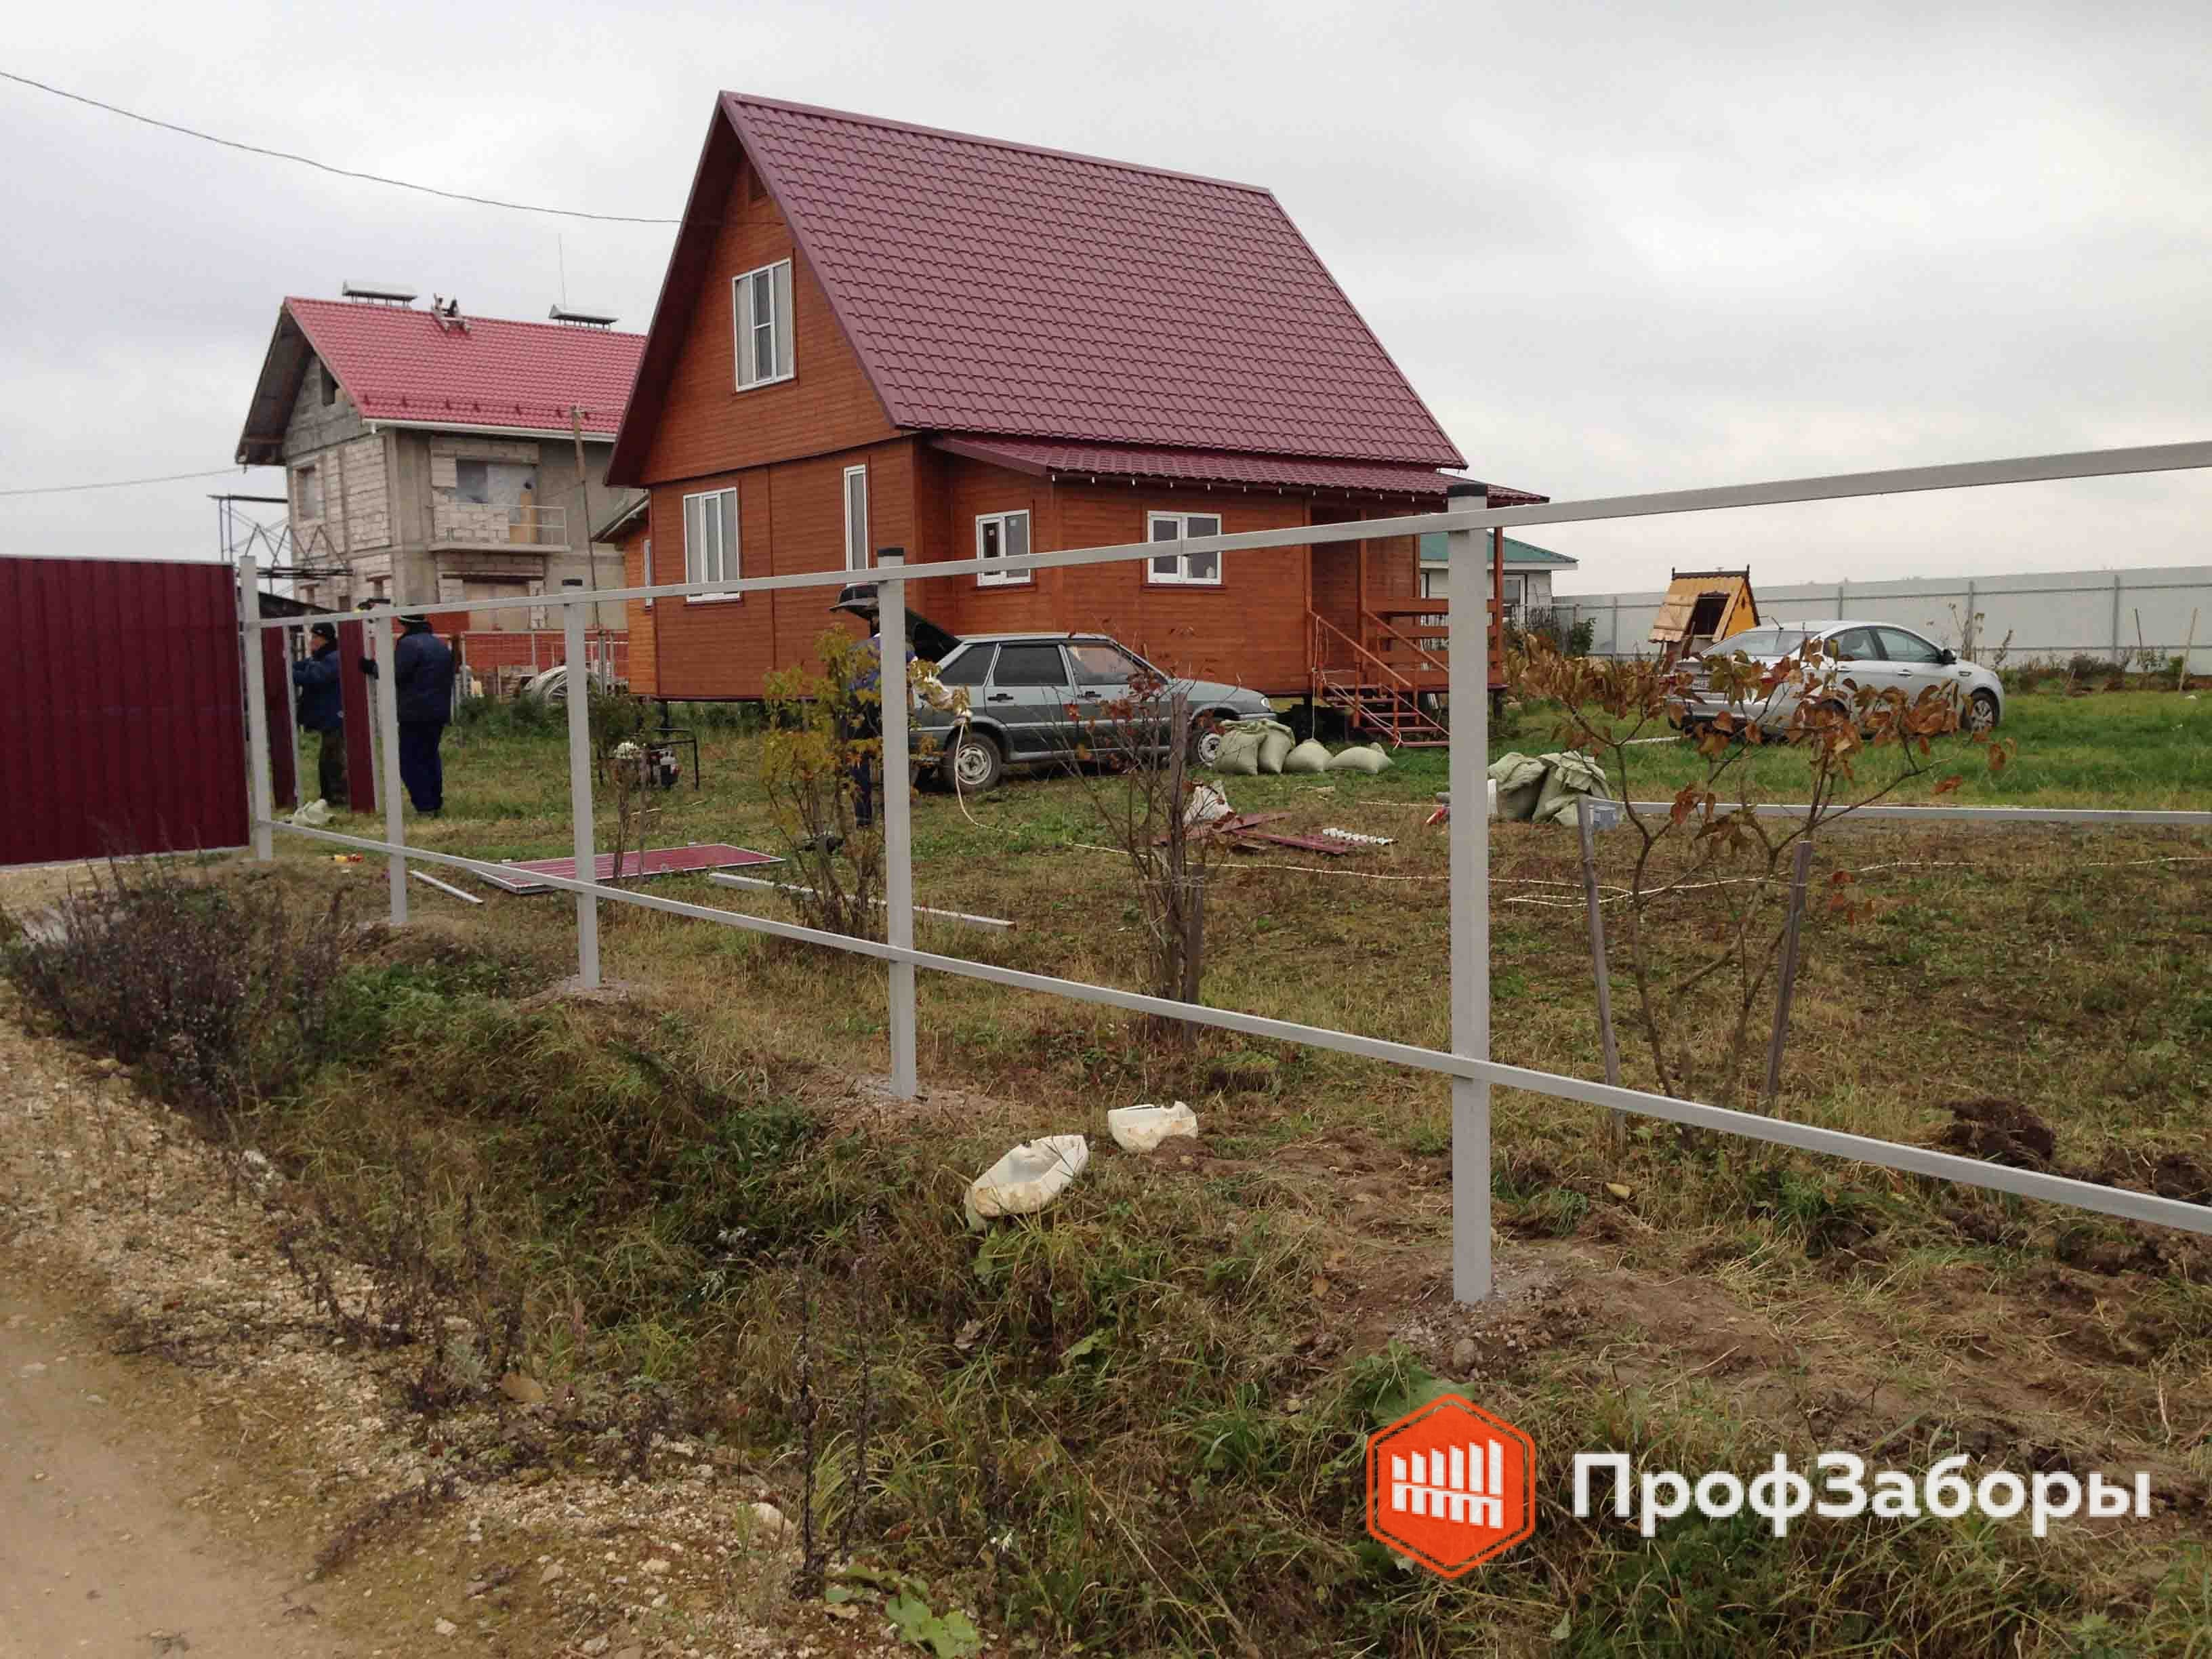 Заборы Из профнастила  - Городской округ Бронницы. Фото 3